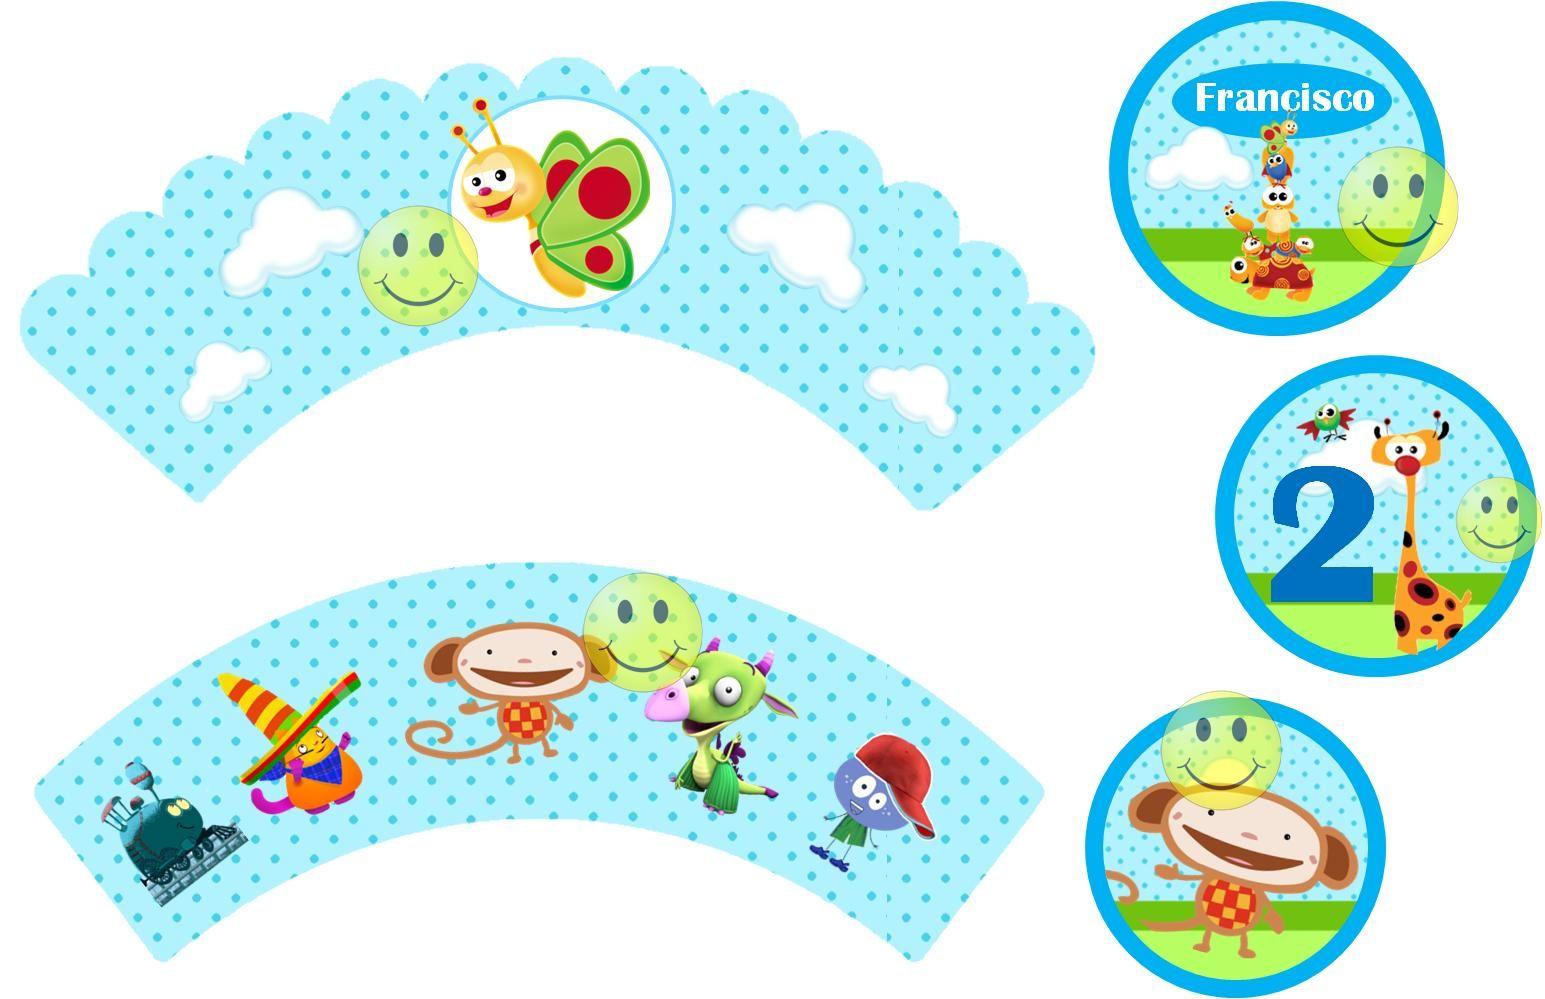 Tarjetas De Cumpleaños Baby Tv Para Imprimir En Hd 21 en HD Gratis cumple Juan Pinterest